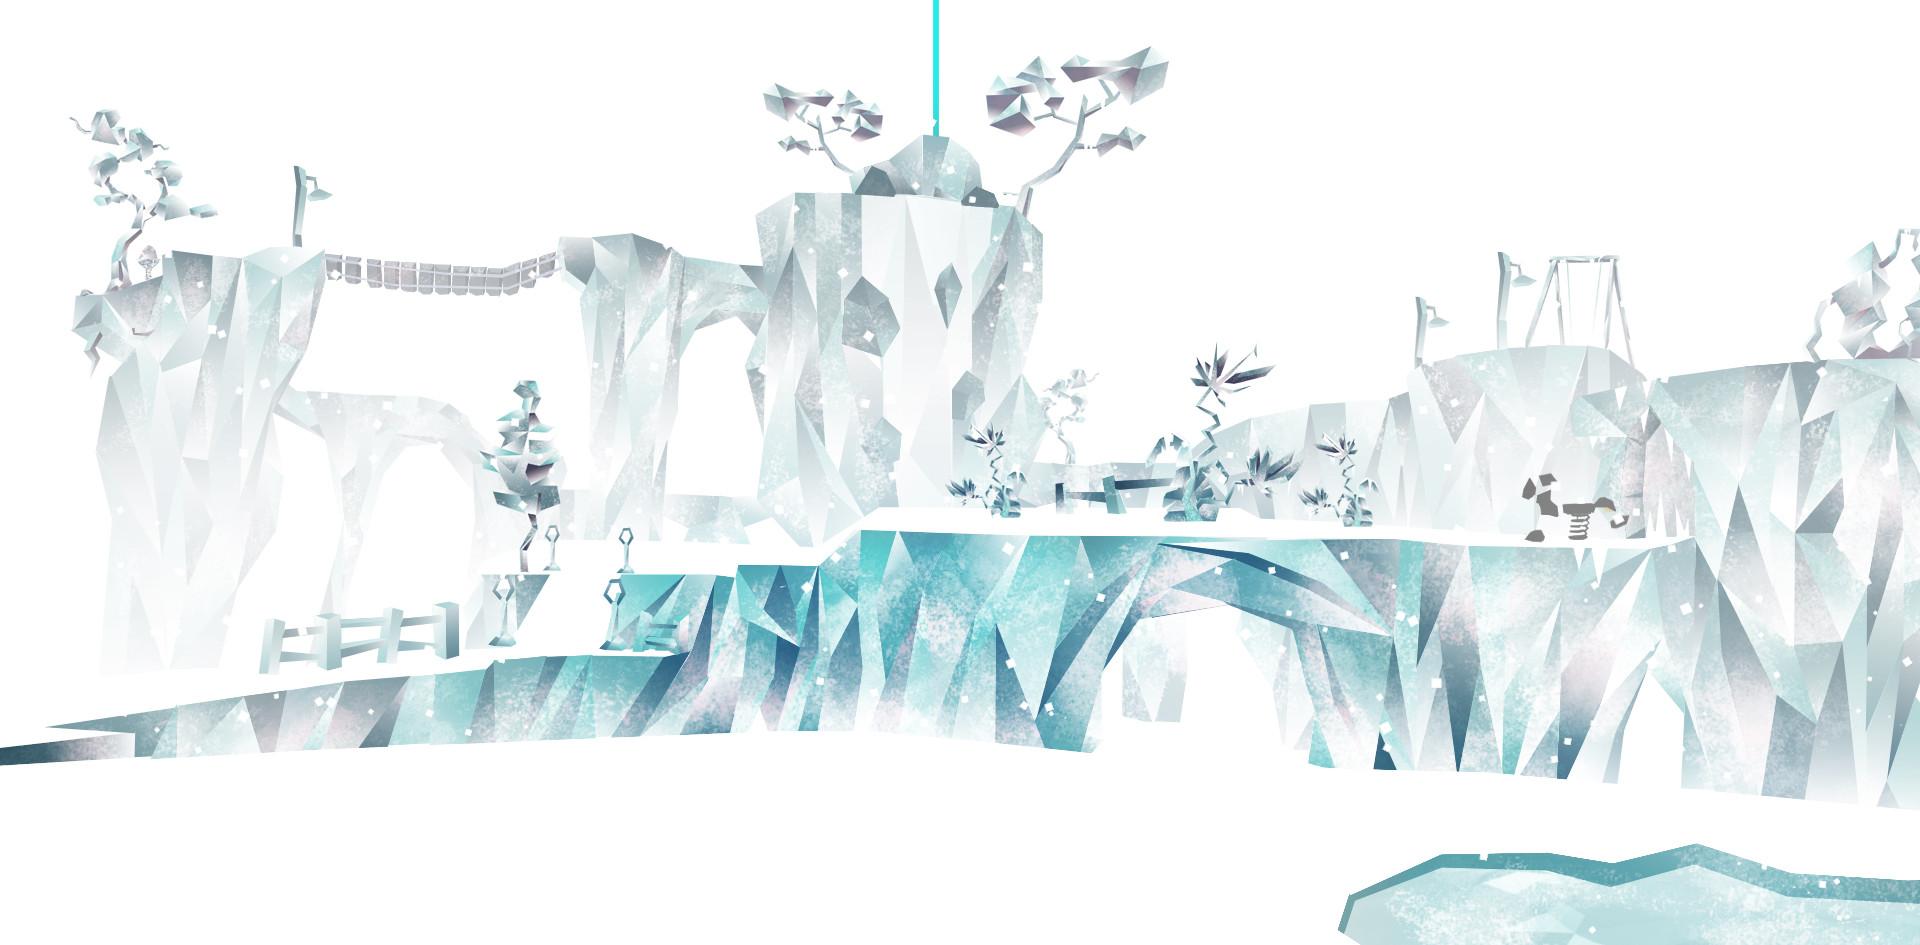 Concept Art - _Amnesys niveau 1 dans la